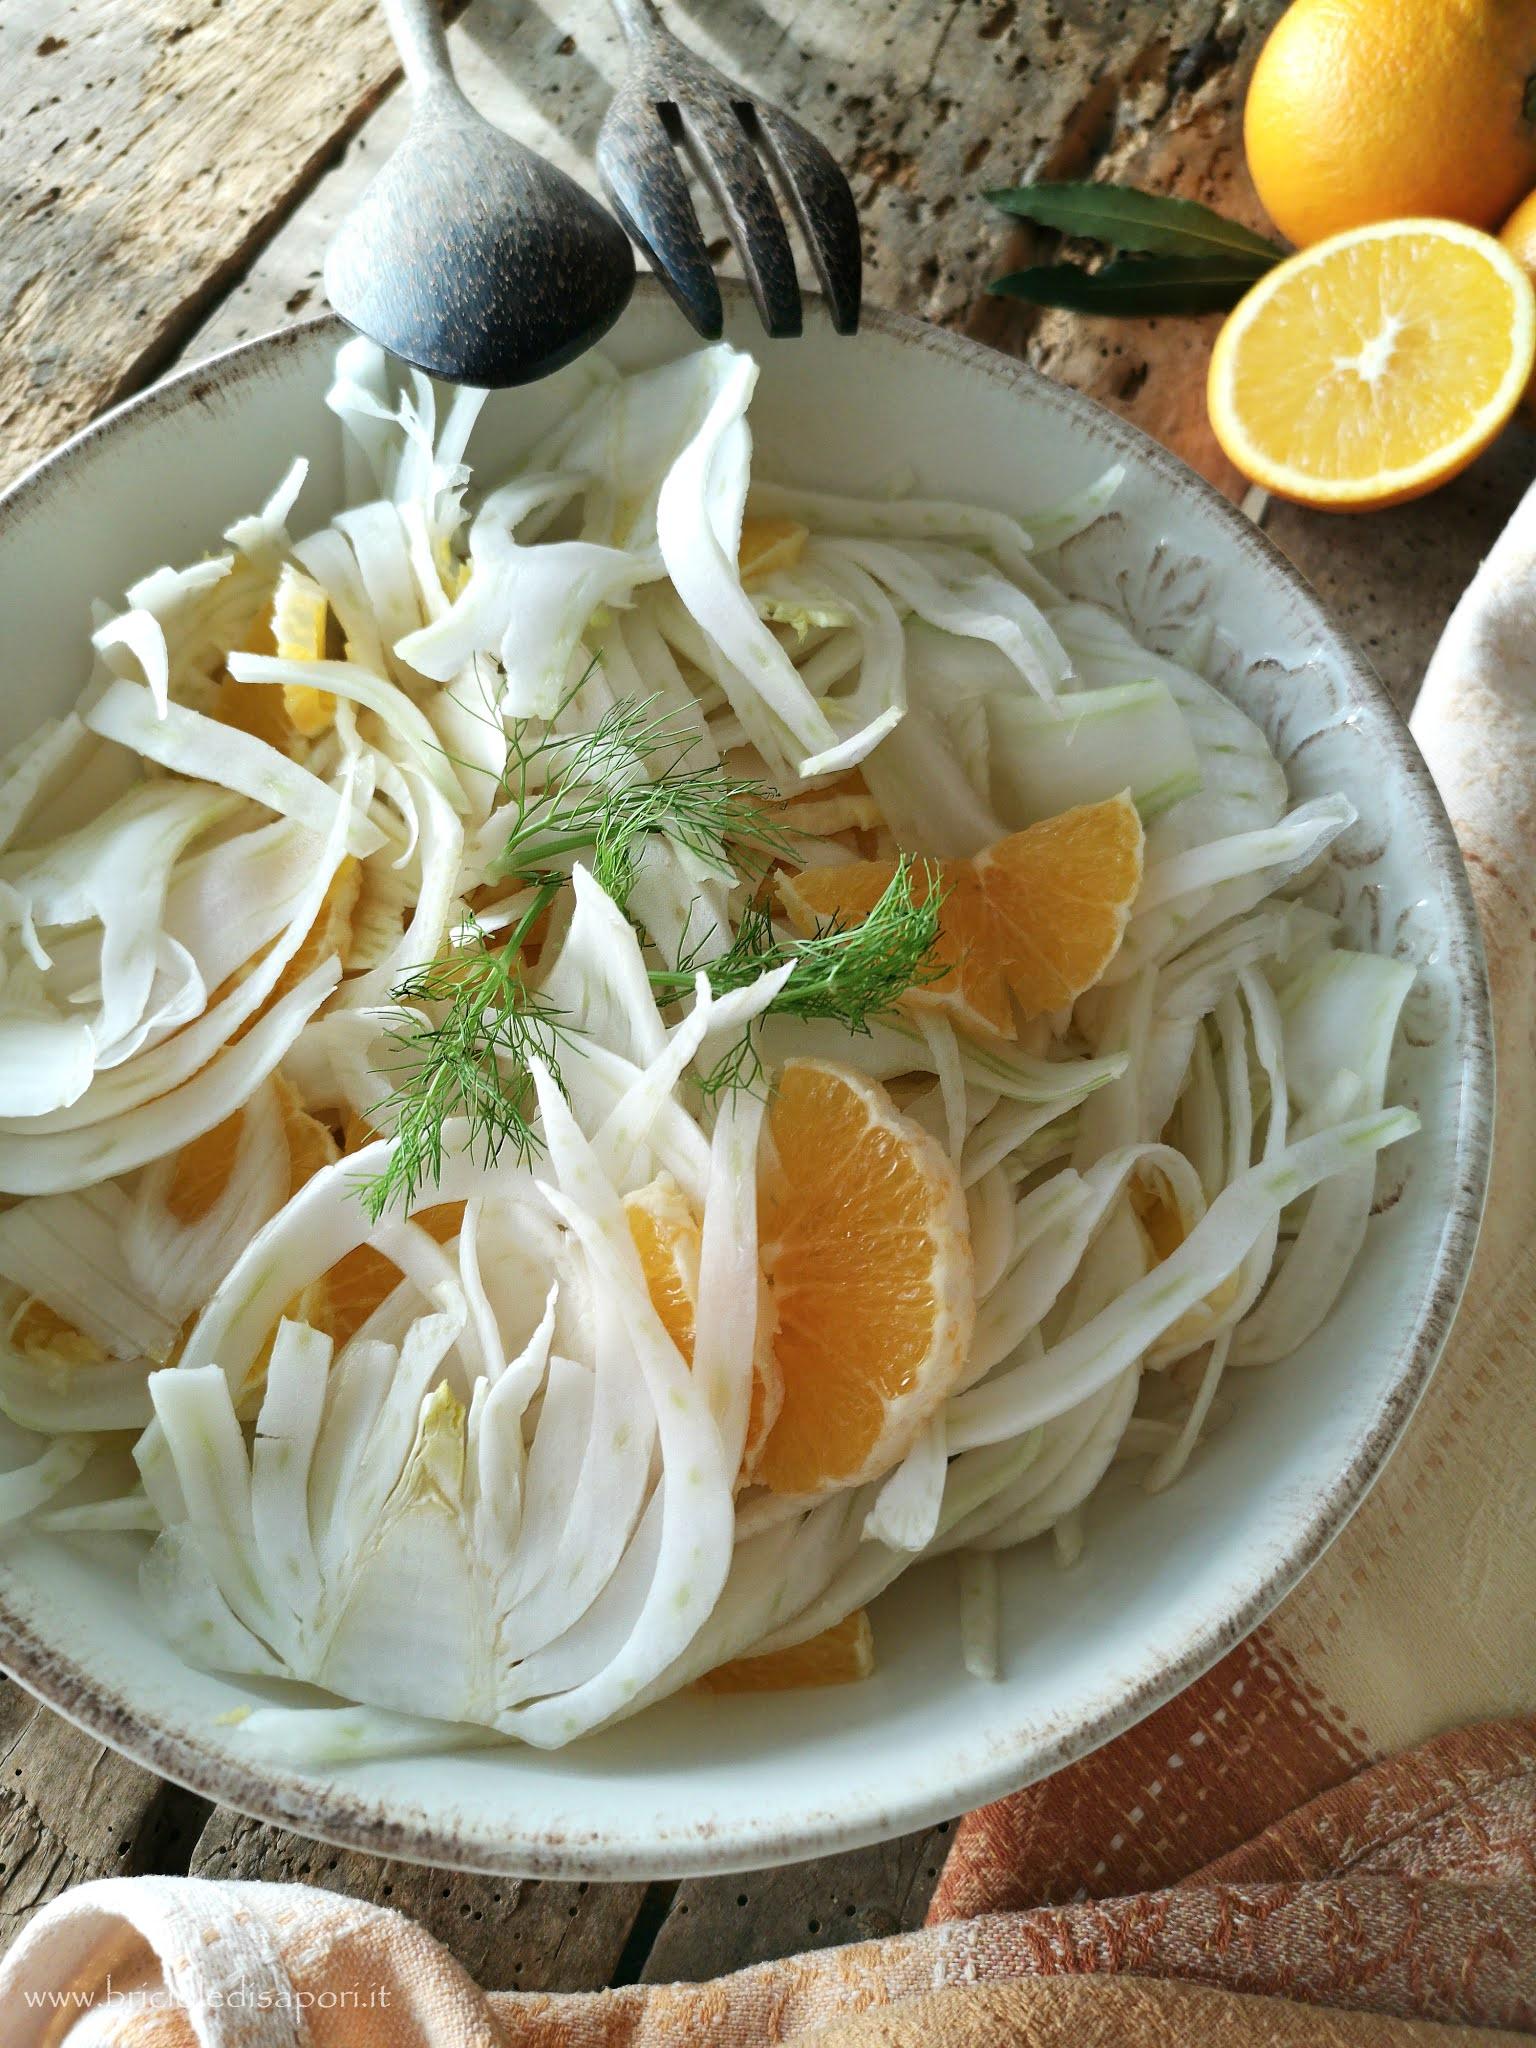 finocchi con arance all'aceto balsamico tradizionale